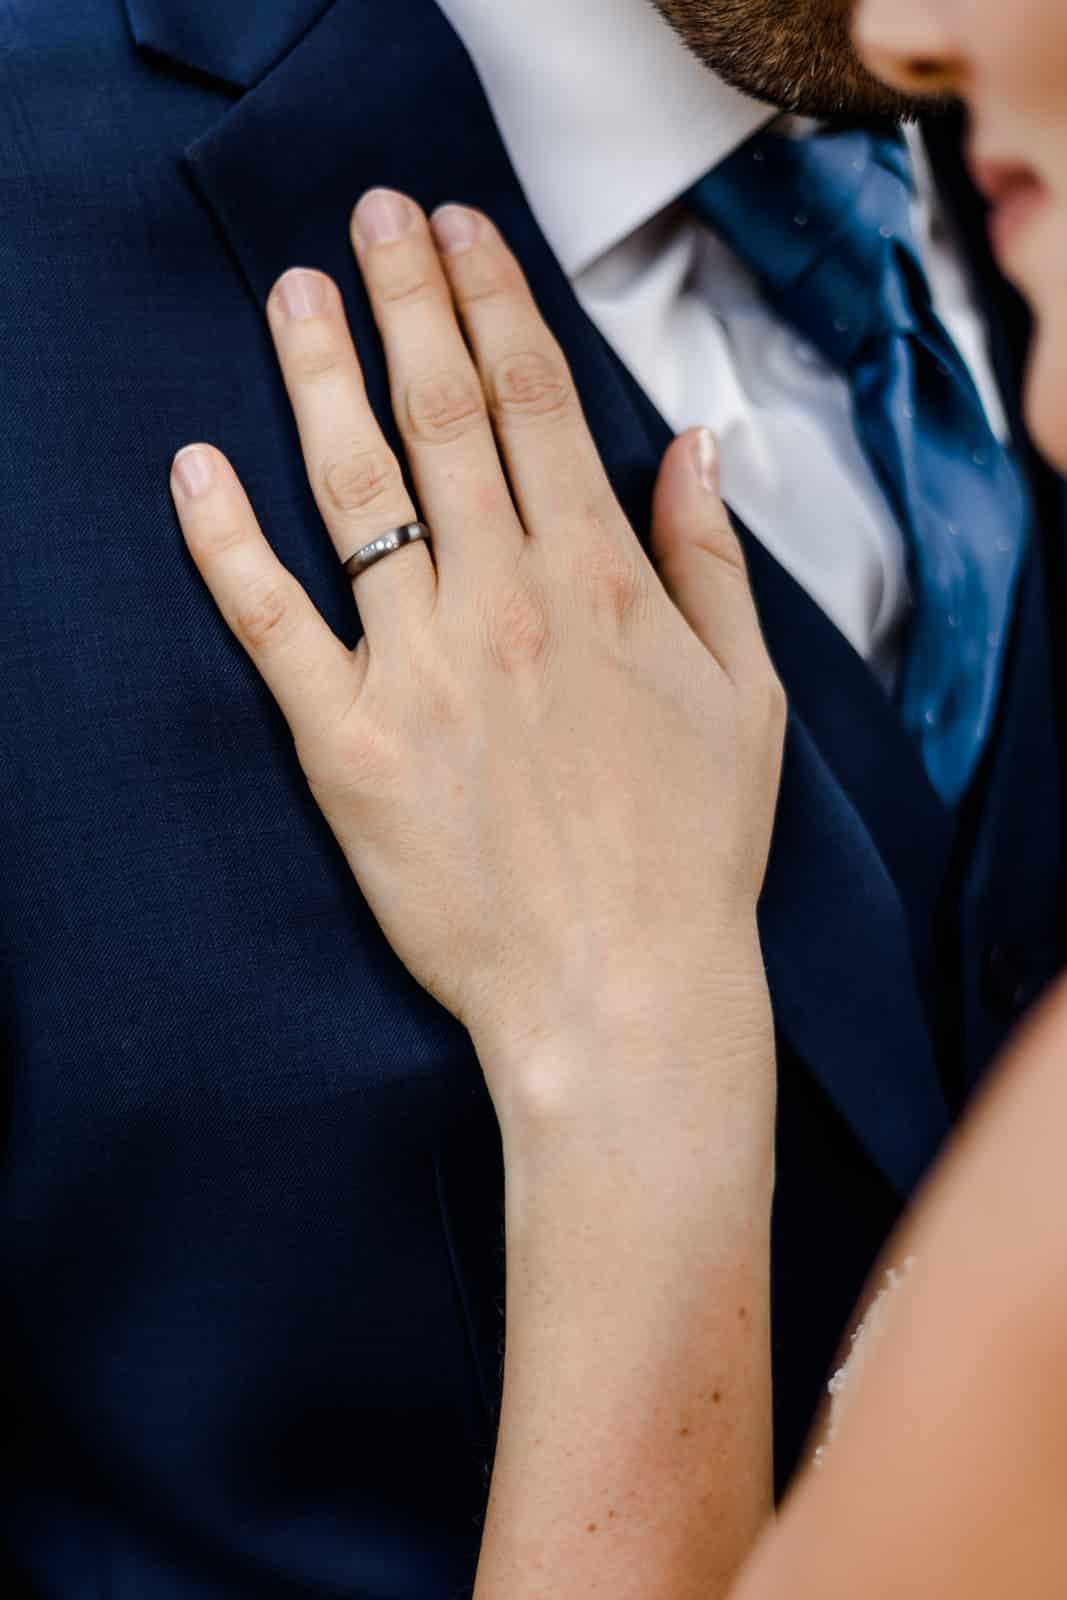 Nahes Fotos von Hand mit Ehering liegend auf dem Anzug des Ehemanns